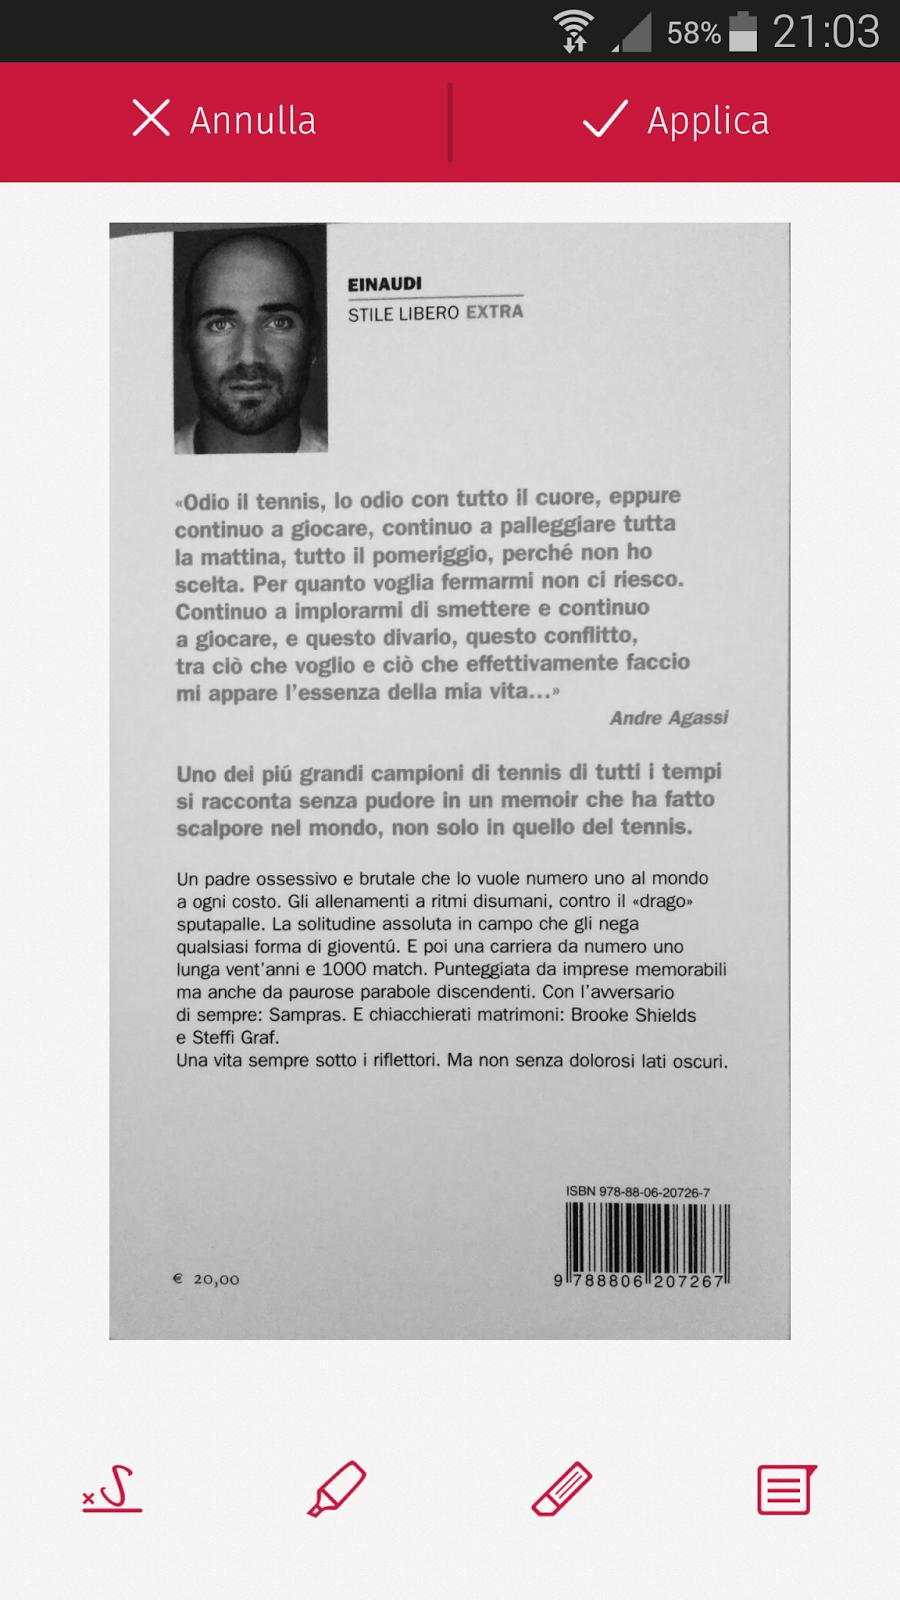 schermata di modifica del documento esclusiva per PRO PACK